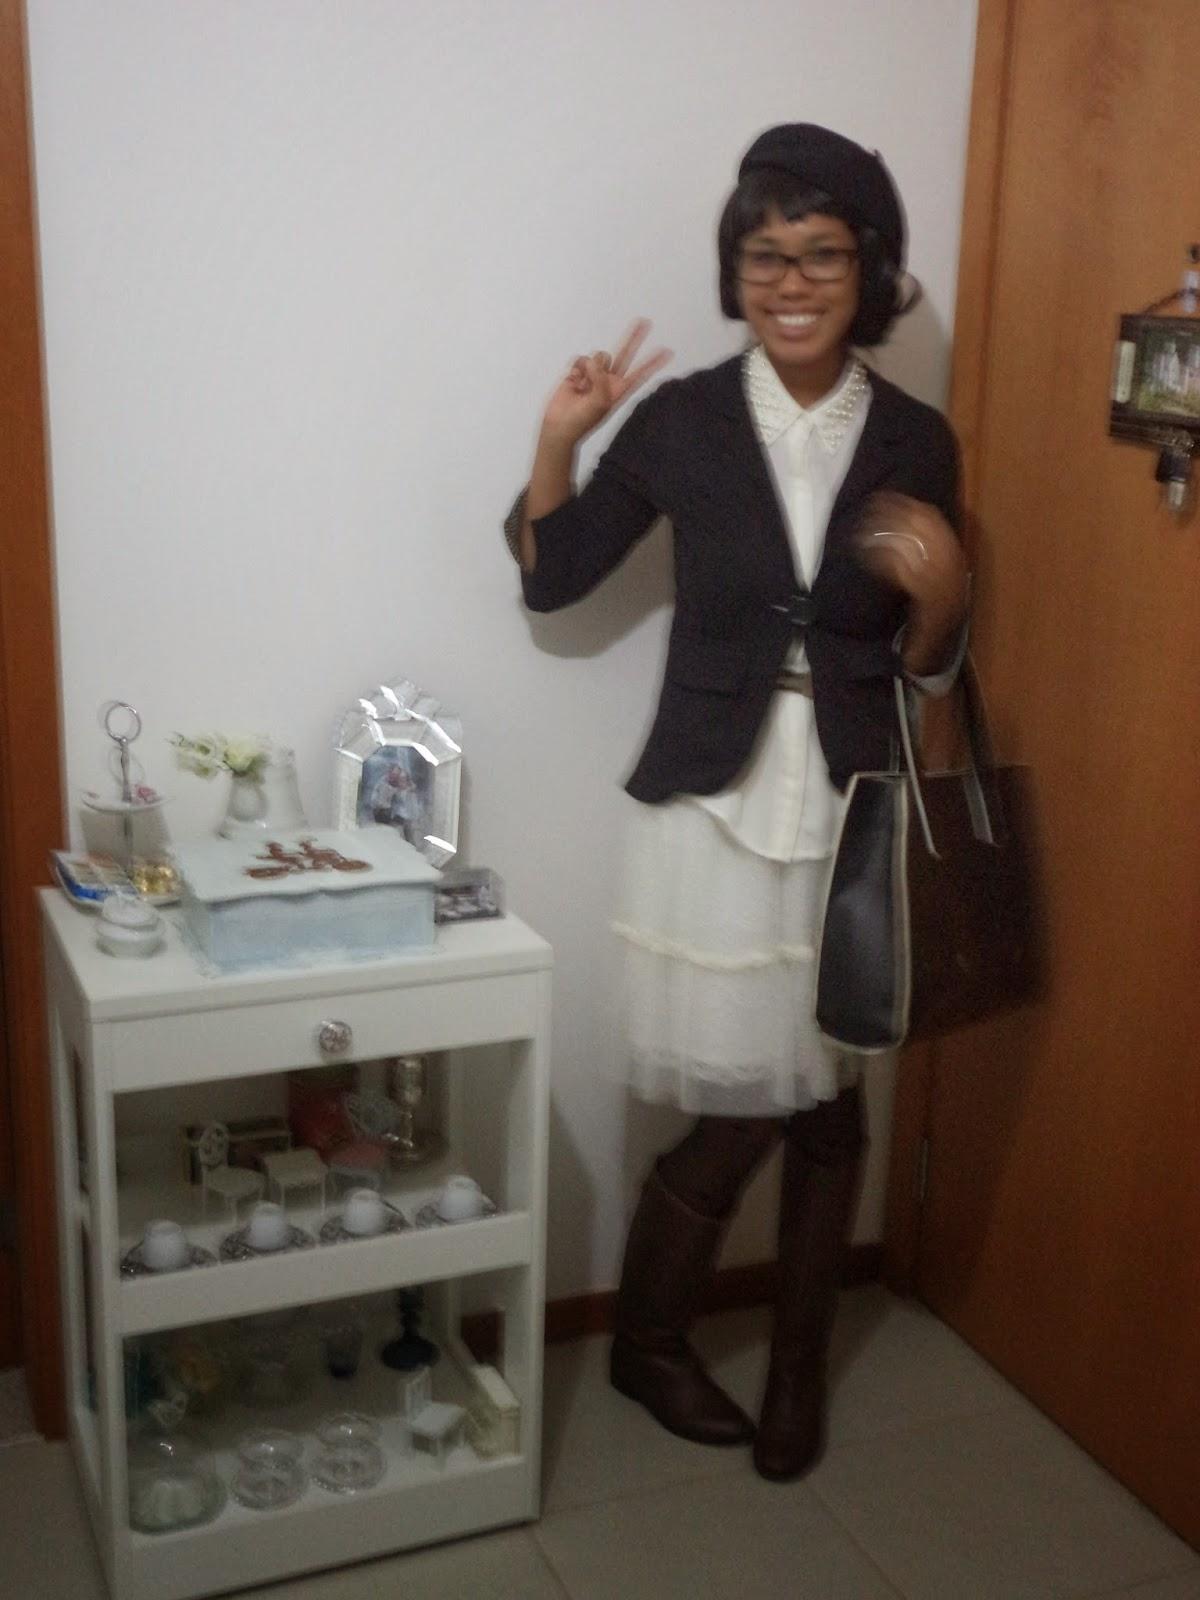 http://deliriosdeconsumismo.blogspot.com.br/2014/04/novidades-e-outfits.html